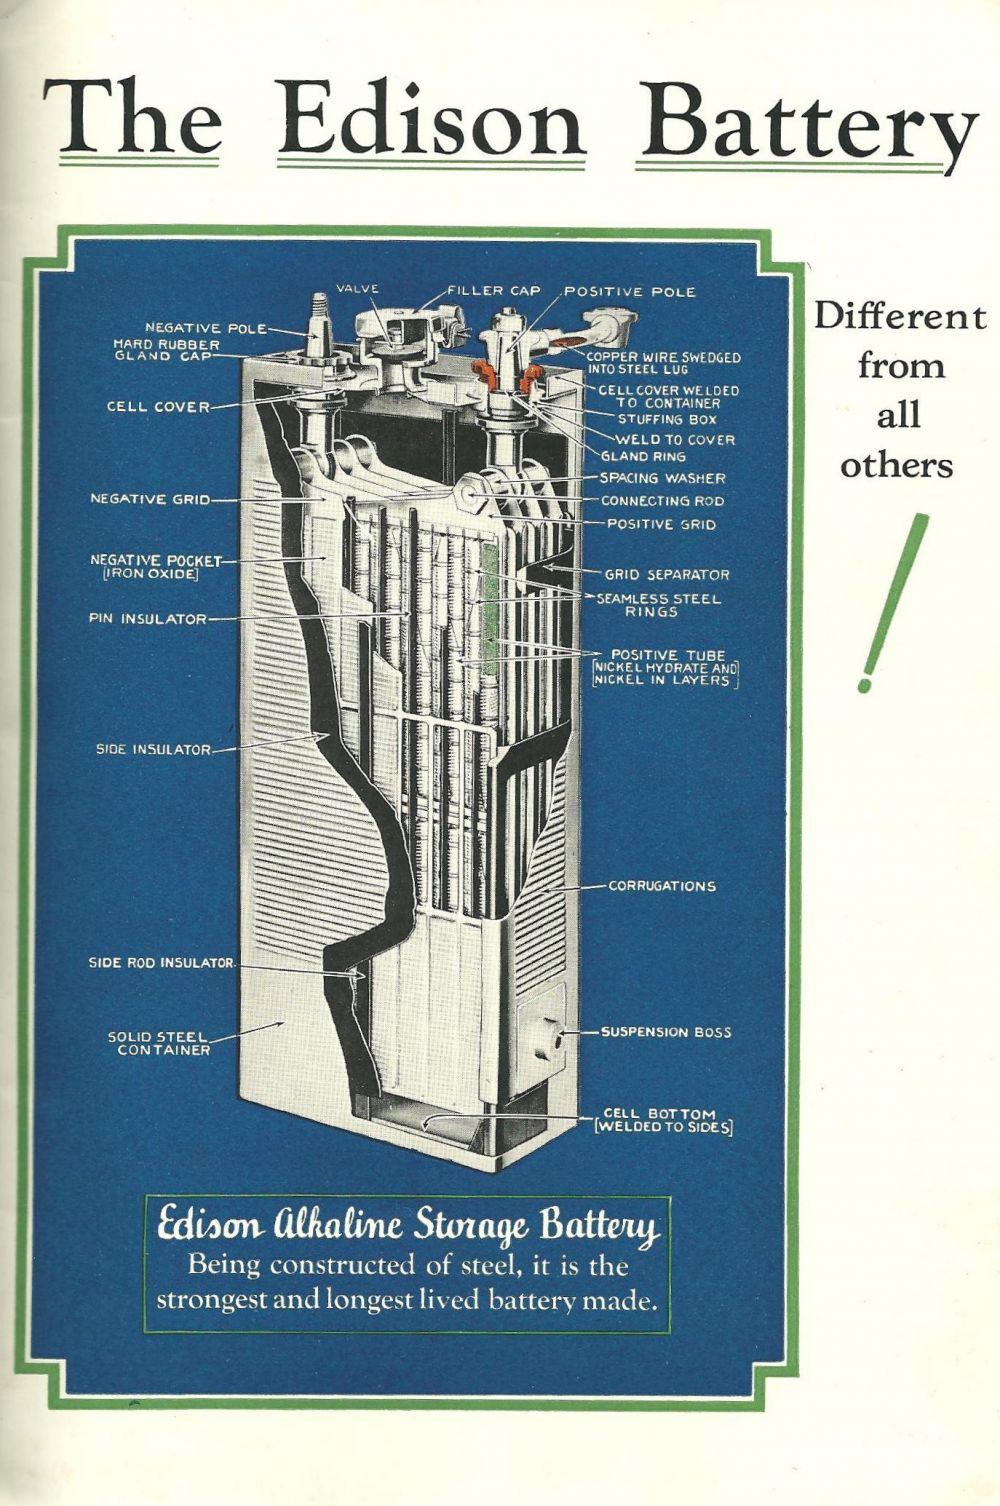 Знаменитый изобретатель также приложил руку к изобретению аккумуляторов – батарей с возможностью многократной зарядки. В конце XIX века никель-кадмиевый аккумулятор изобрёл швед Вальдемар Юнгнер, но пока они не дошли до США популярностью пользовались железо-никелевые батареи Эдисона. Например, они устанавливались на электромобиль Detroit Electric.